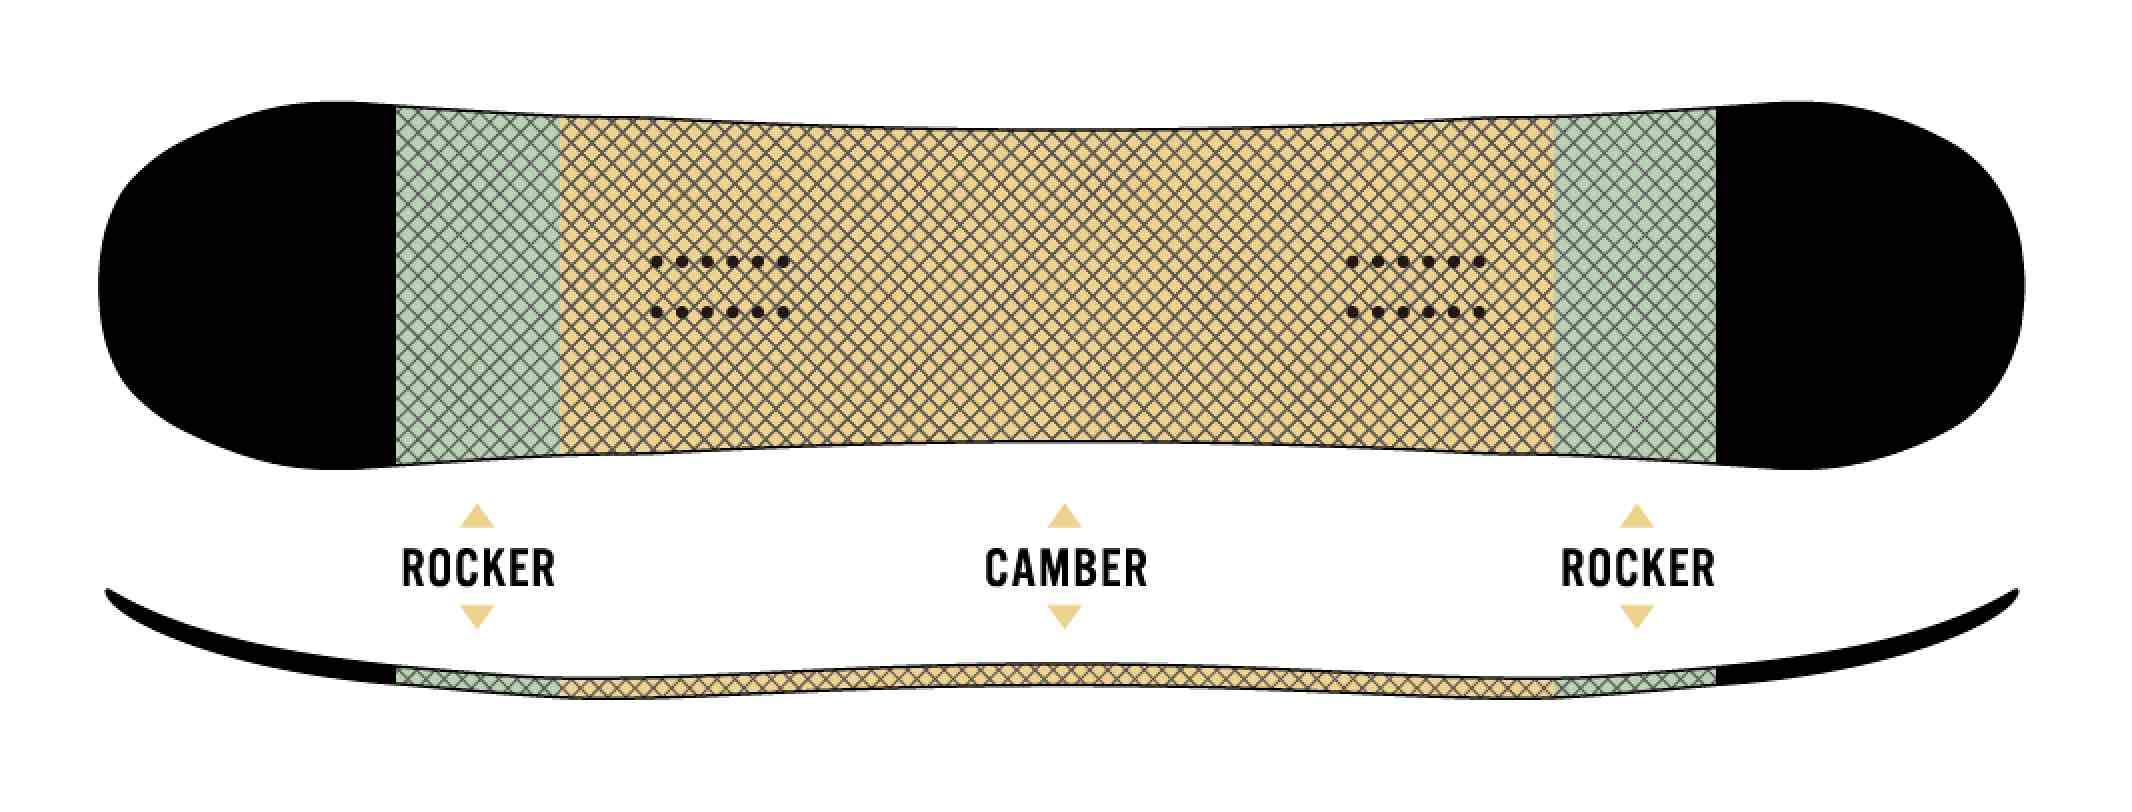 ボードのセンター部分はキャンバーで、ノーズとテールに少しだけロッカーを取り入れたCAMROCK。キャンバーが得意とするキレのあるエッジングと高い反発力、そしてロッカー特有の取り回しのよさを併せ持っている。オールラウンドに遊べるCAMROCK仕様がこのボードの特徴だ